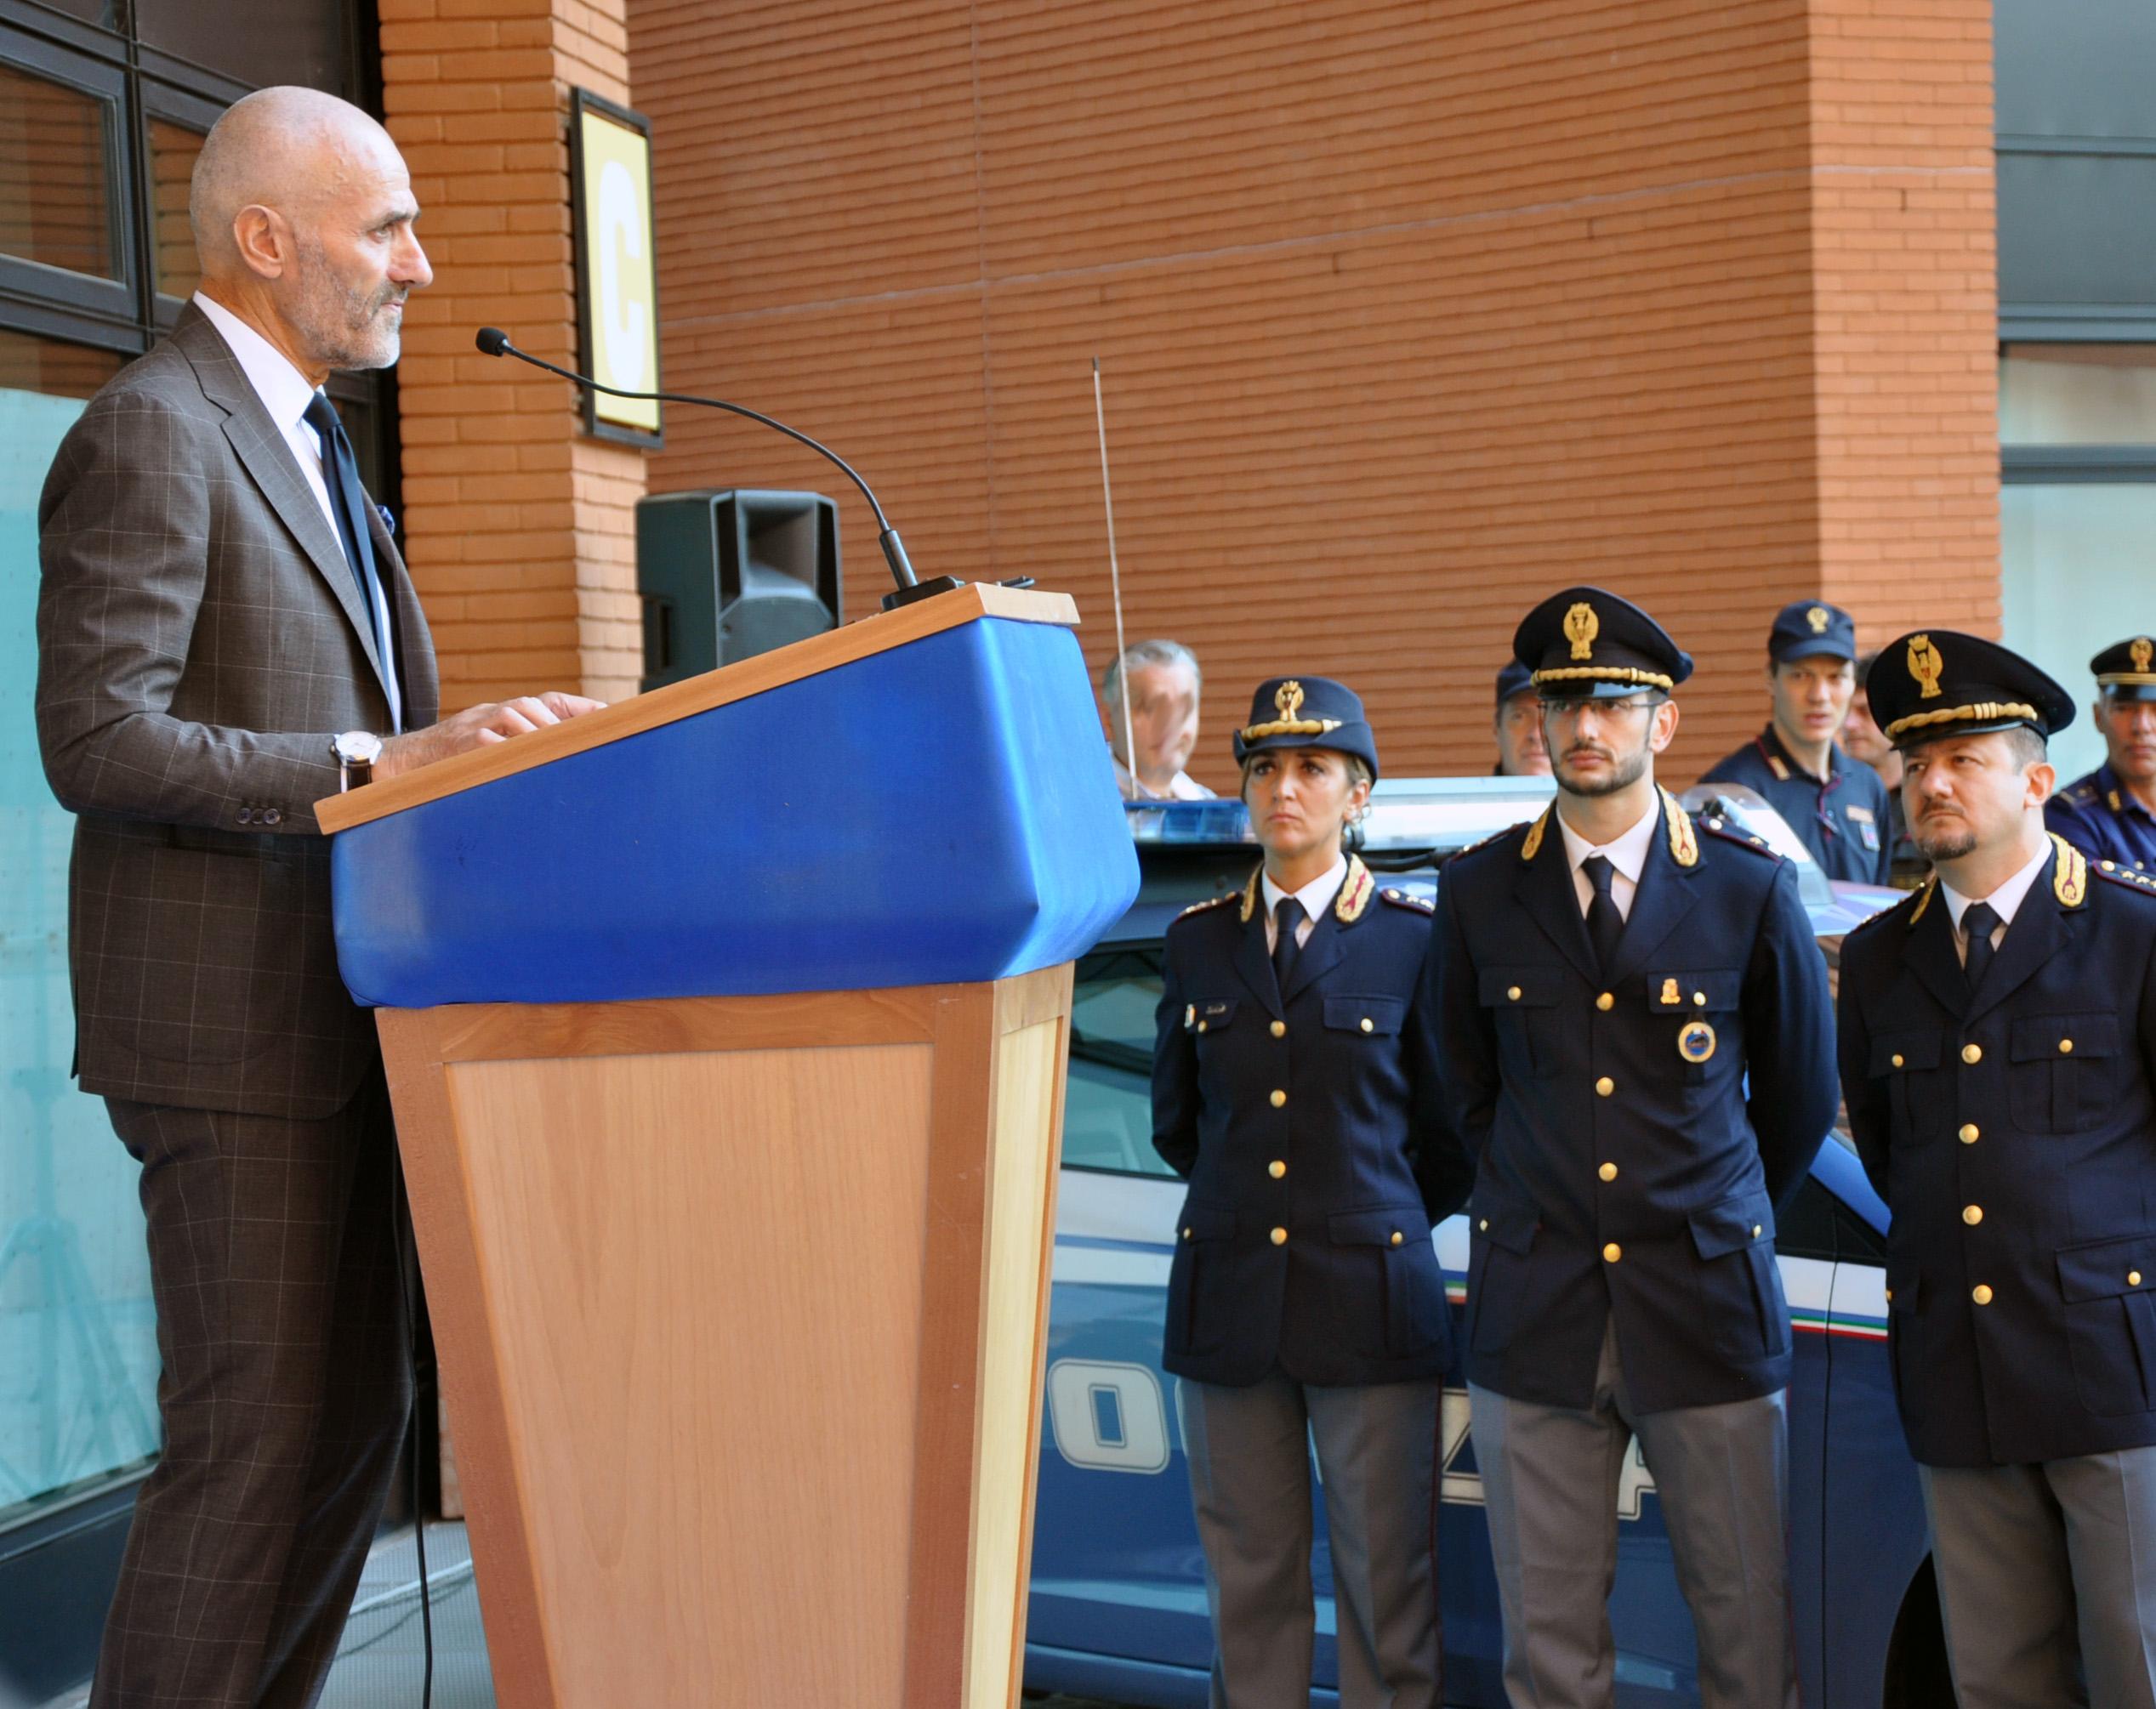 Polizia di Stato - Questure sul web - Treviso